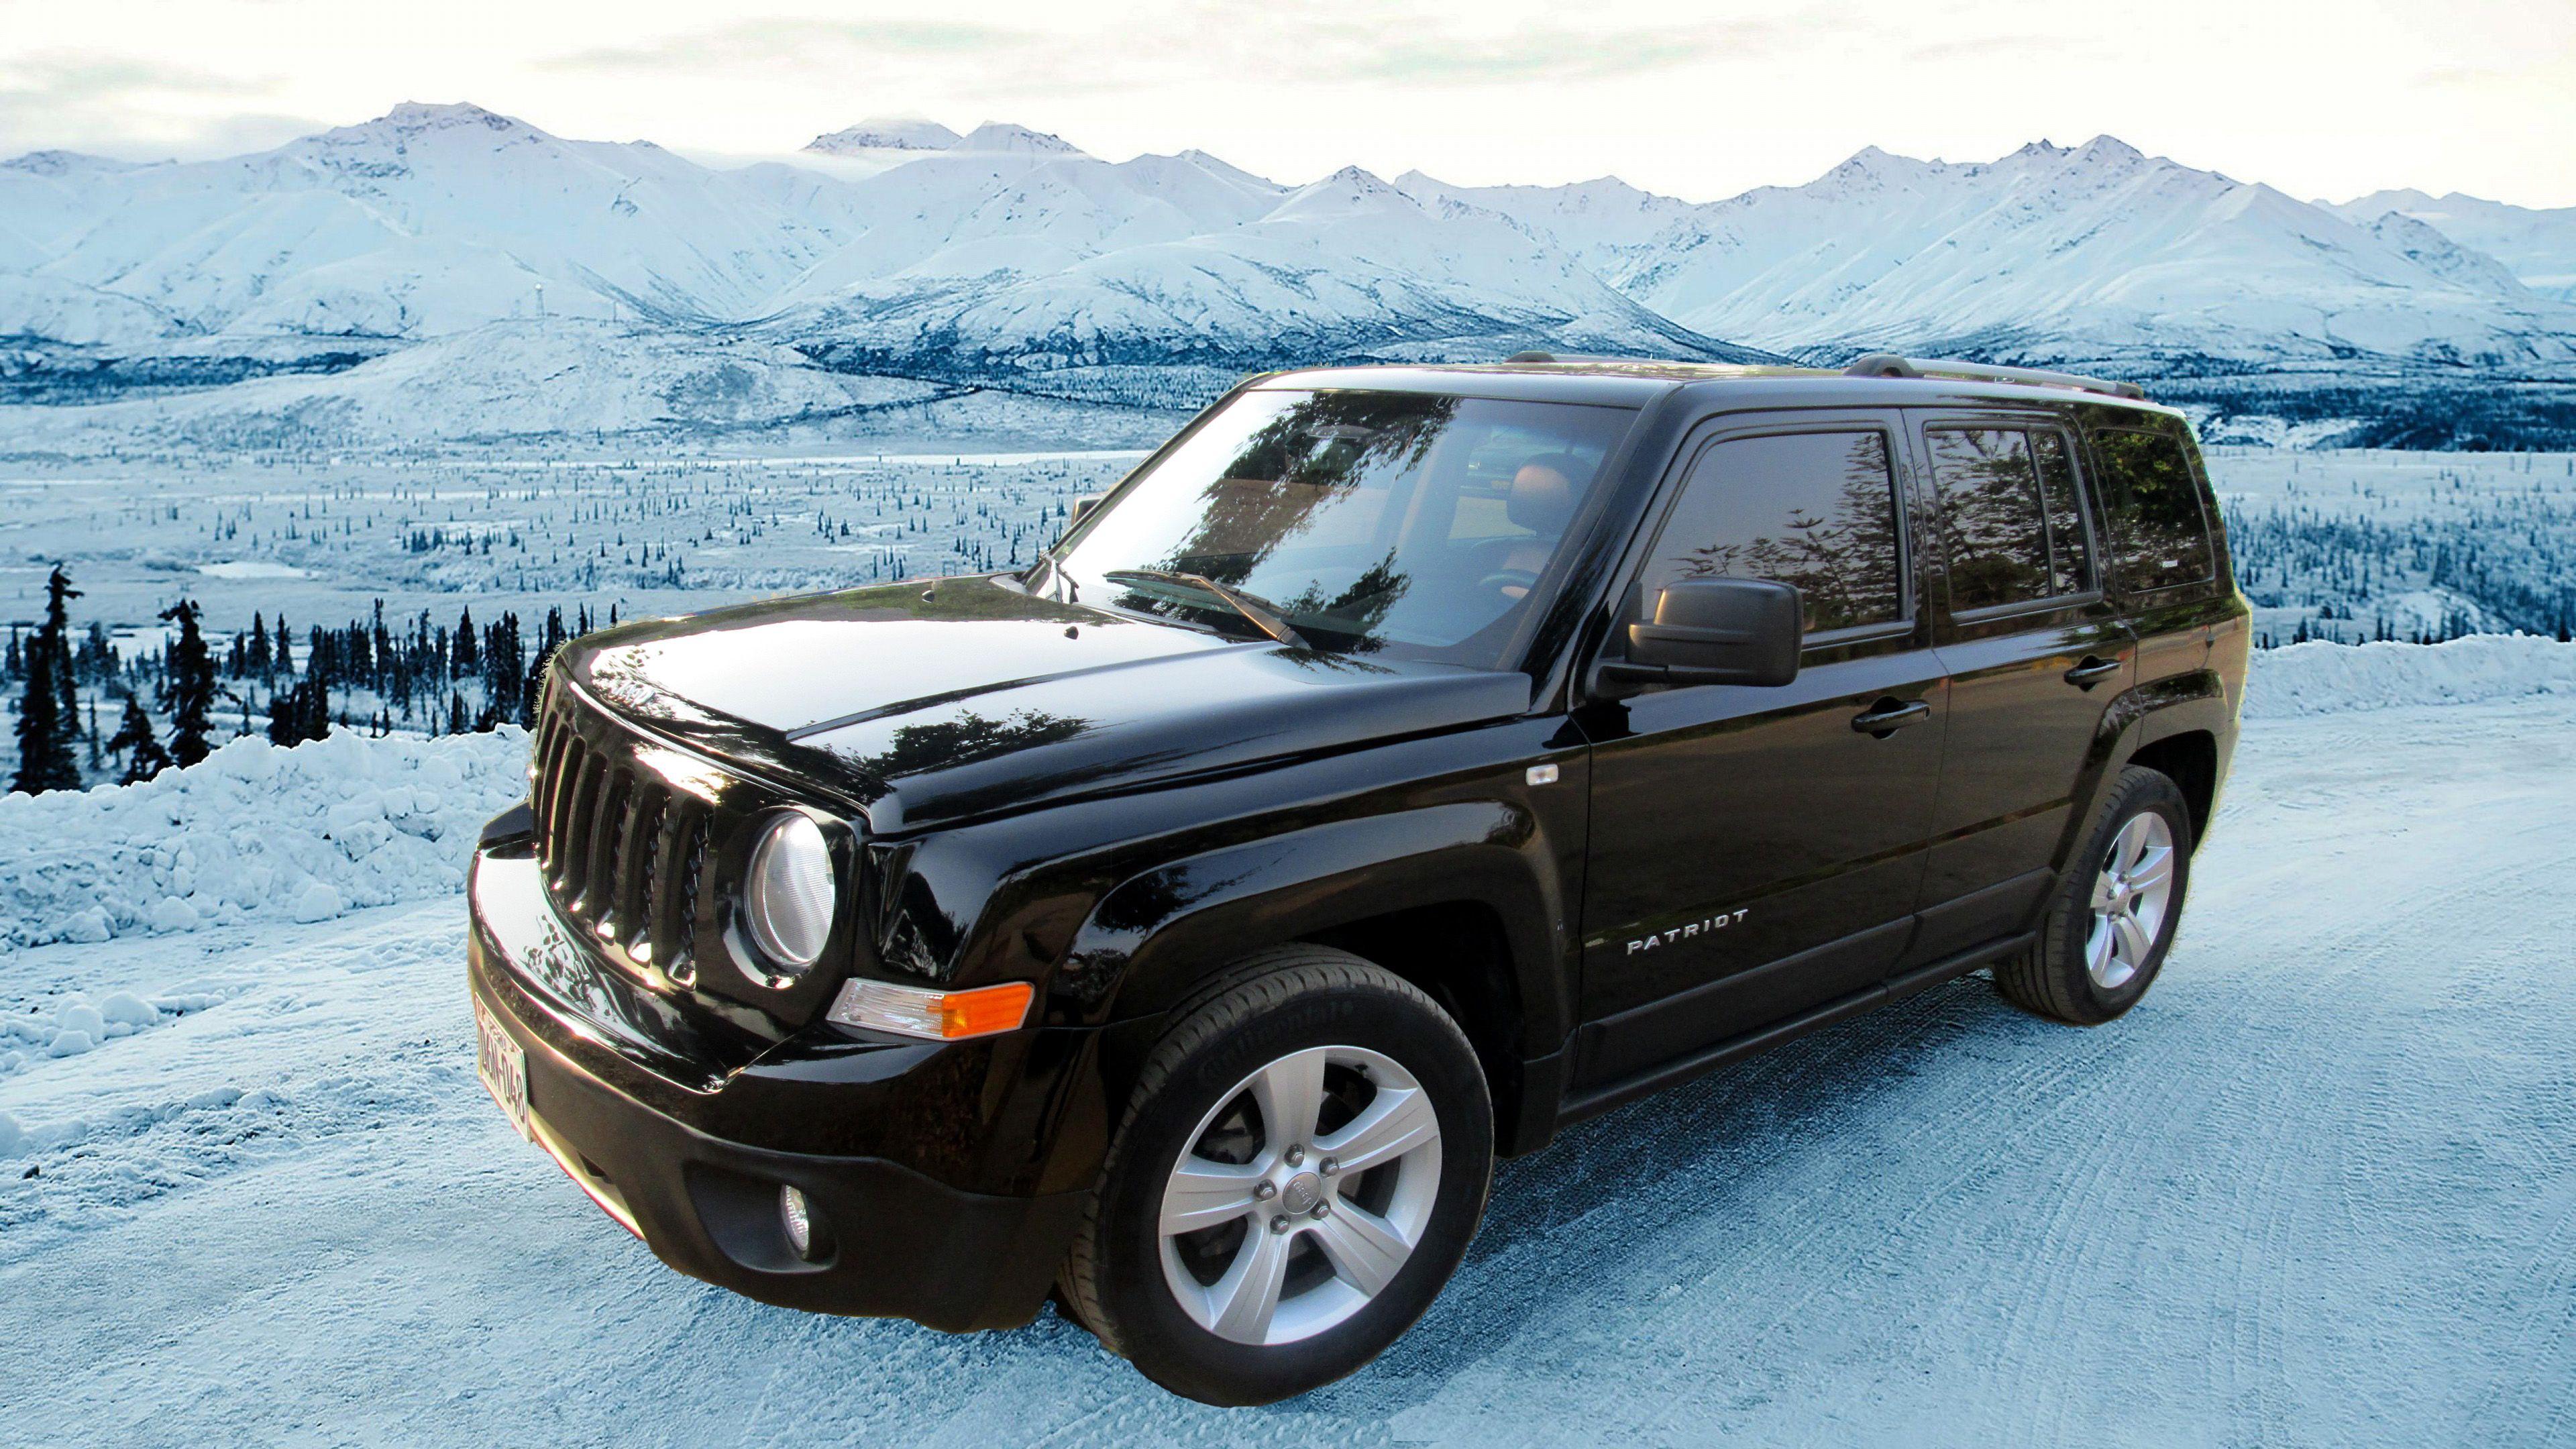 2020 Jeep Patriot Rumors